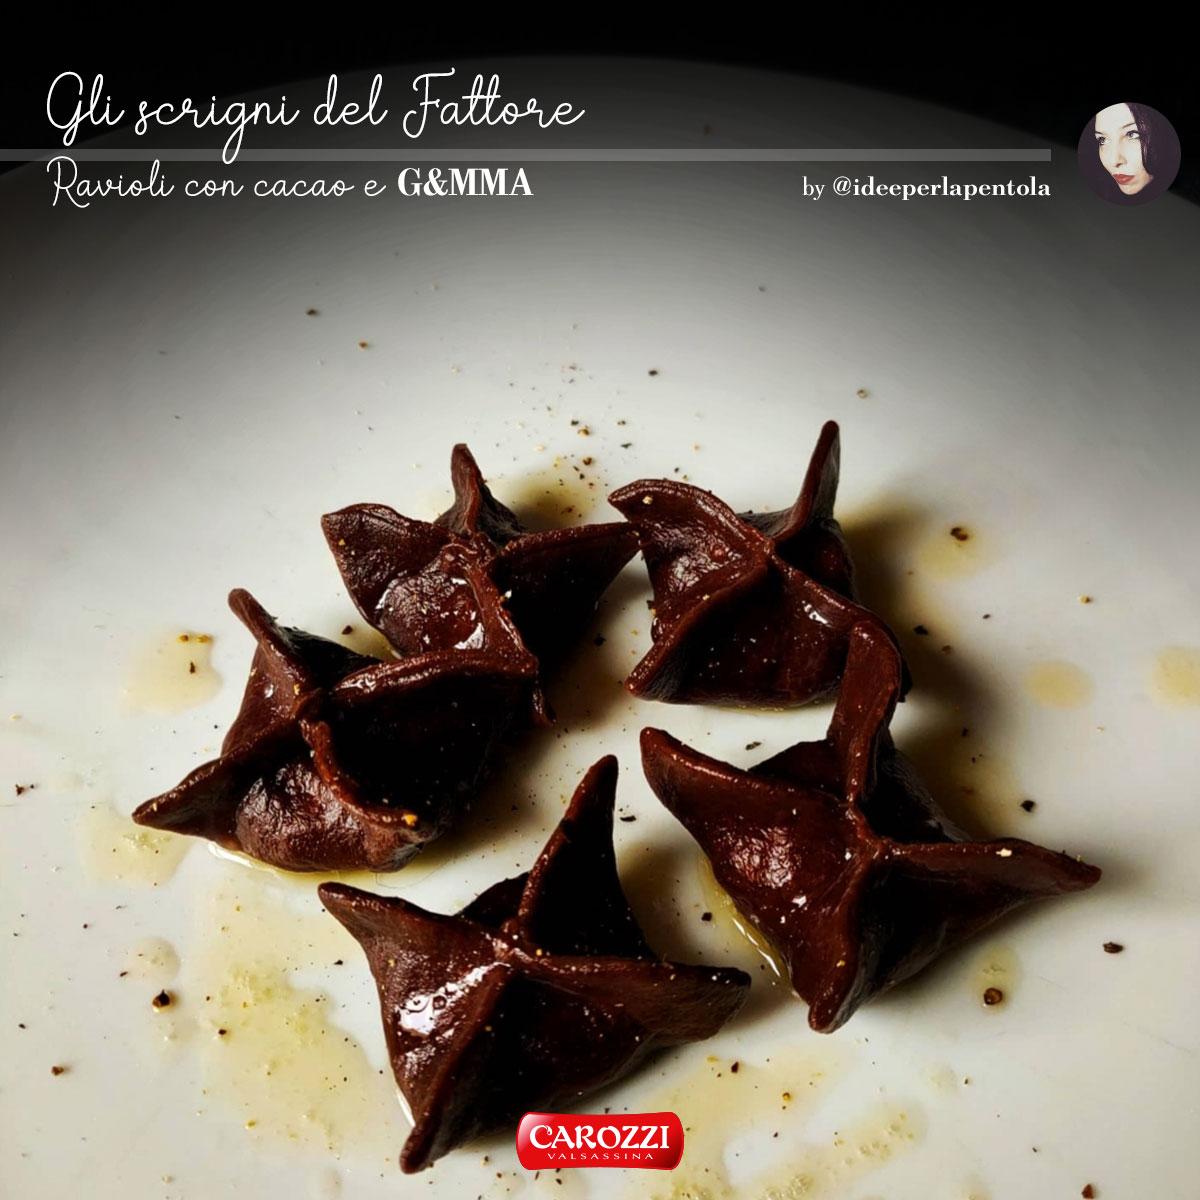 ravioli-cacao_gemma